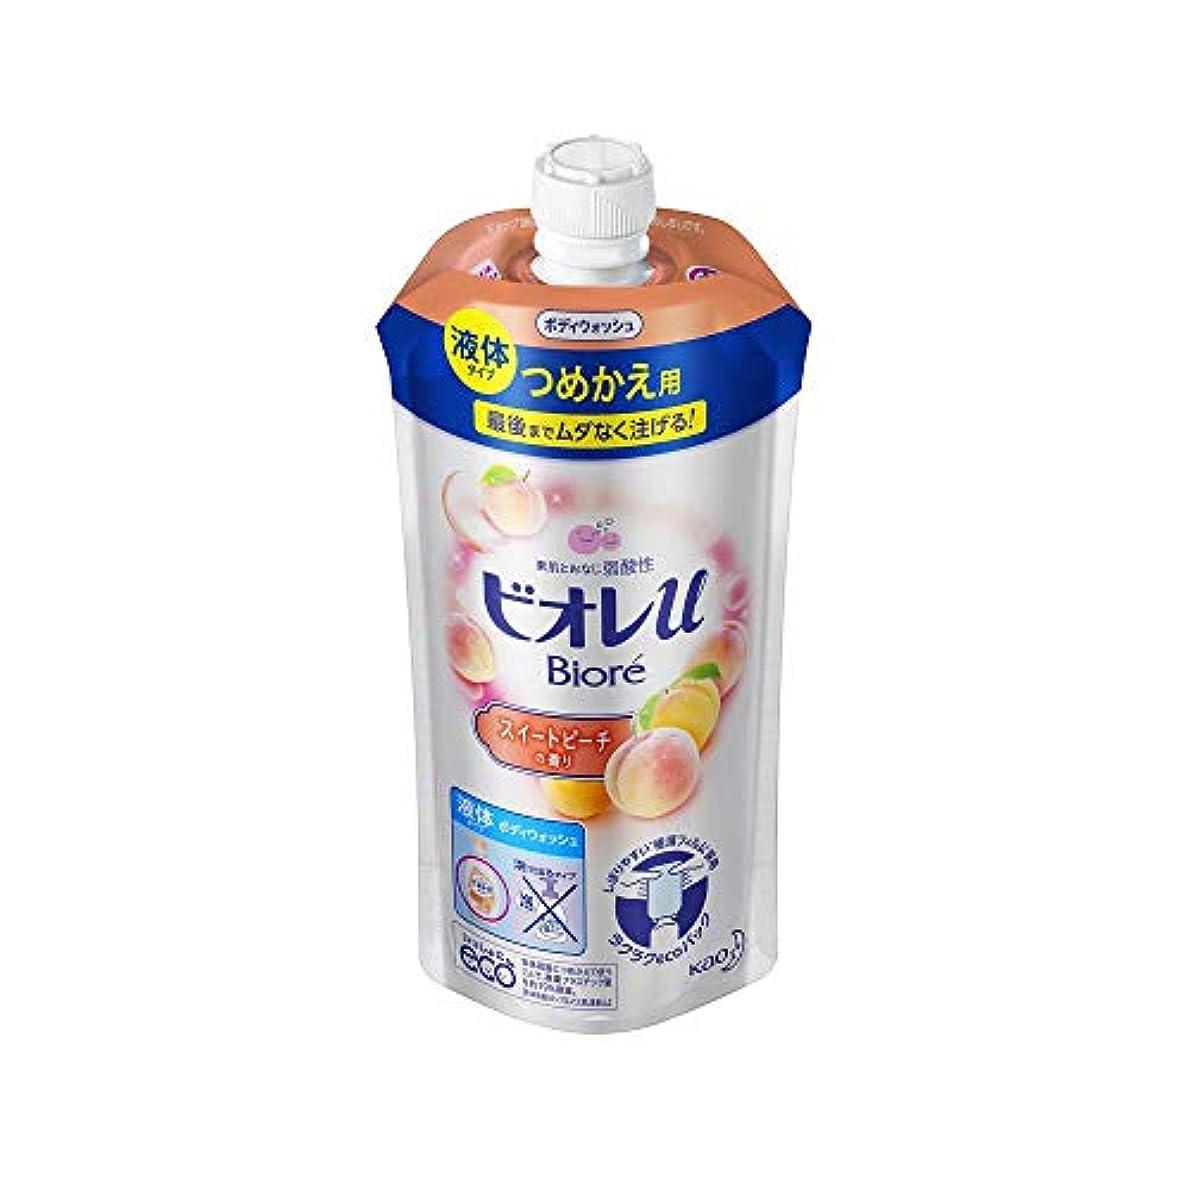 増加する不格好失態花王 ビオレu スイートピーチの香りつめかえ用 340ML